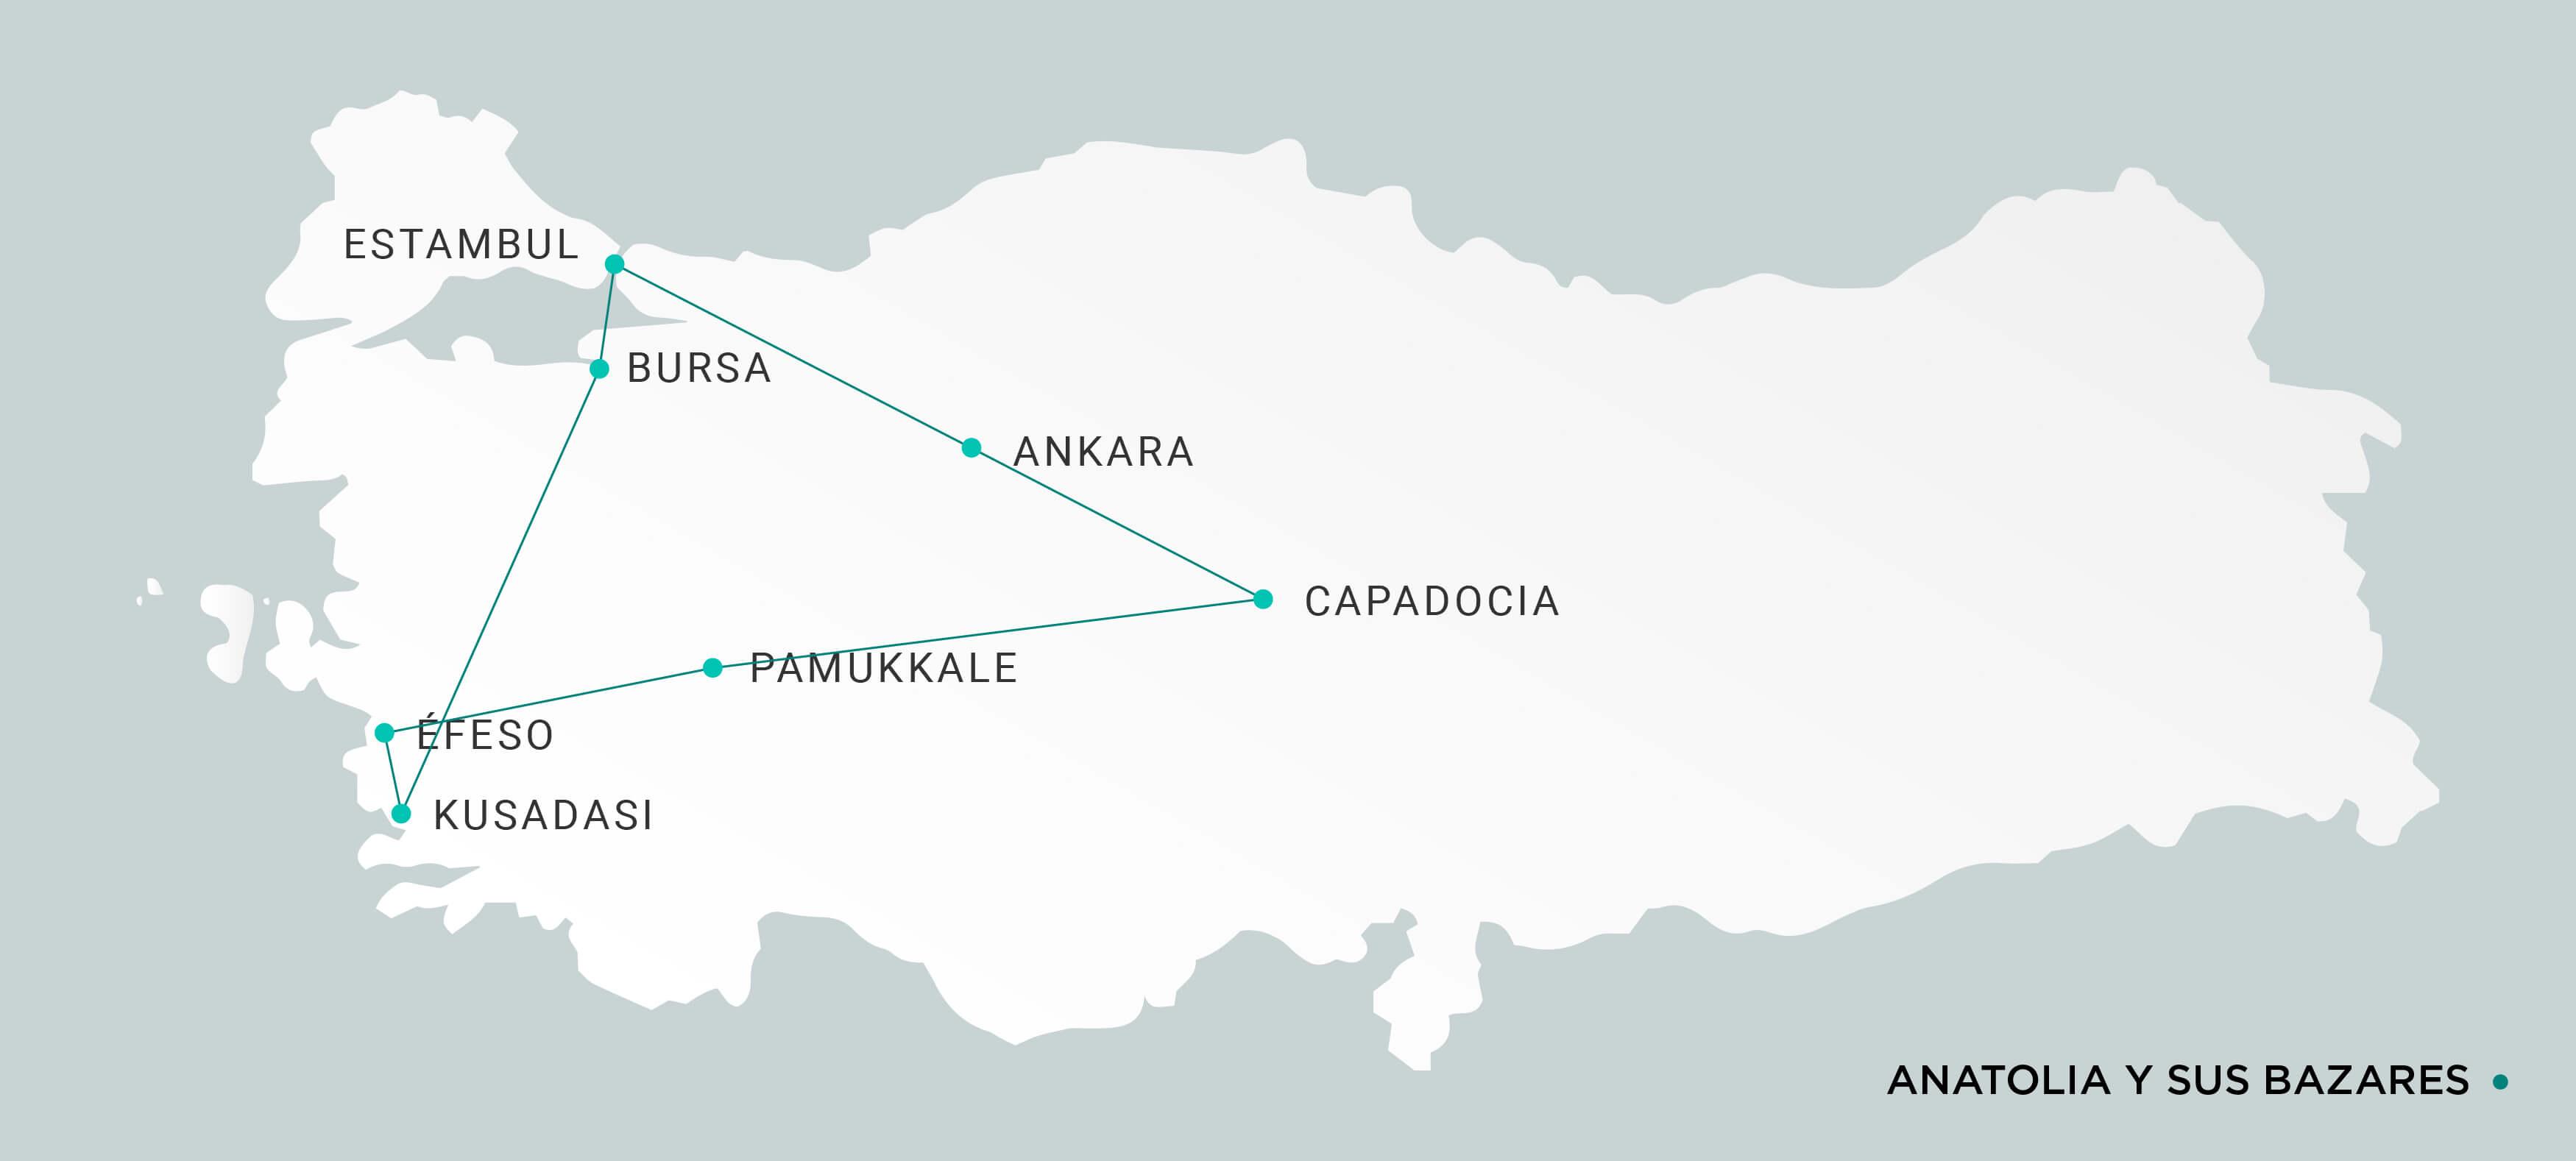 Mapa Anatolia y sus Bazares